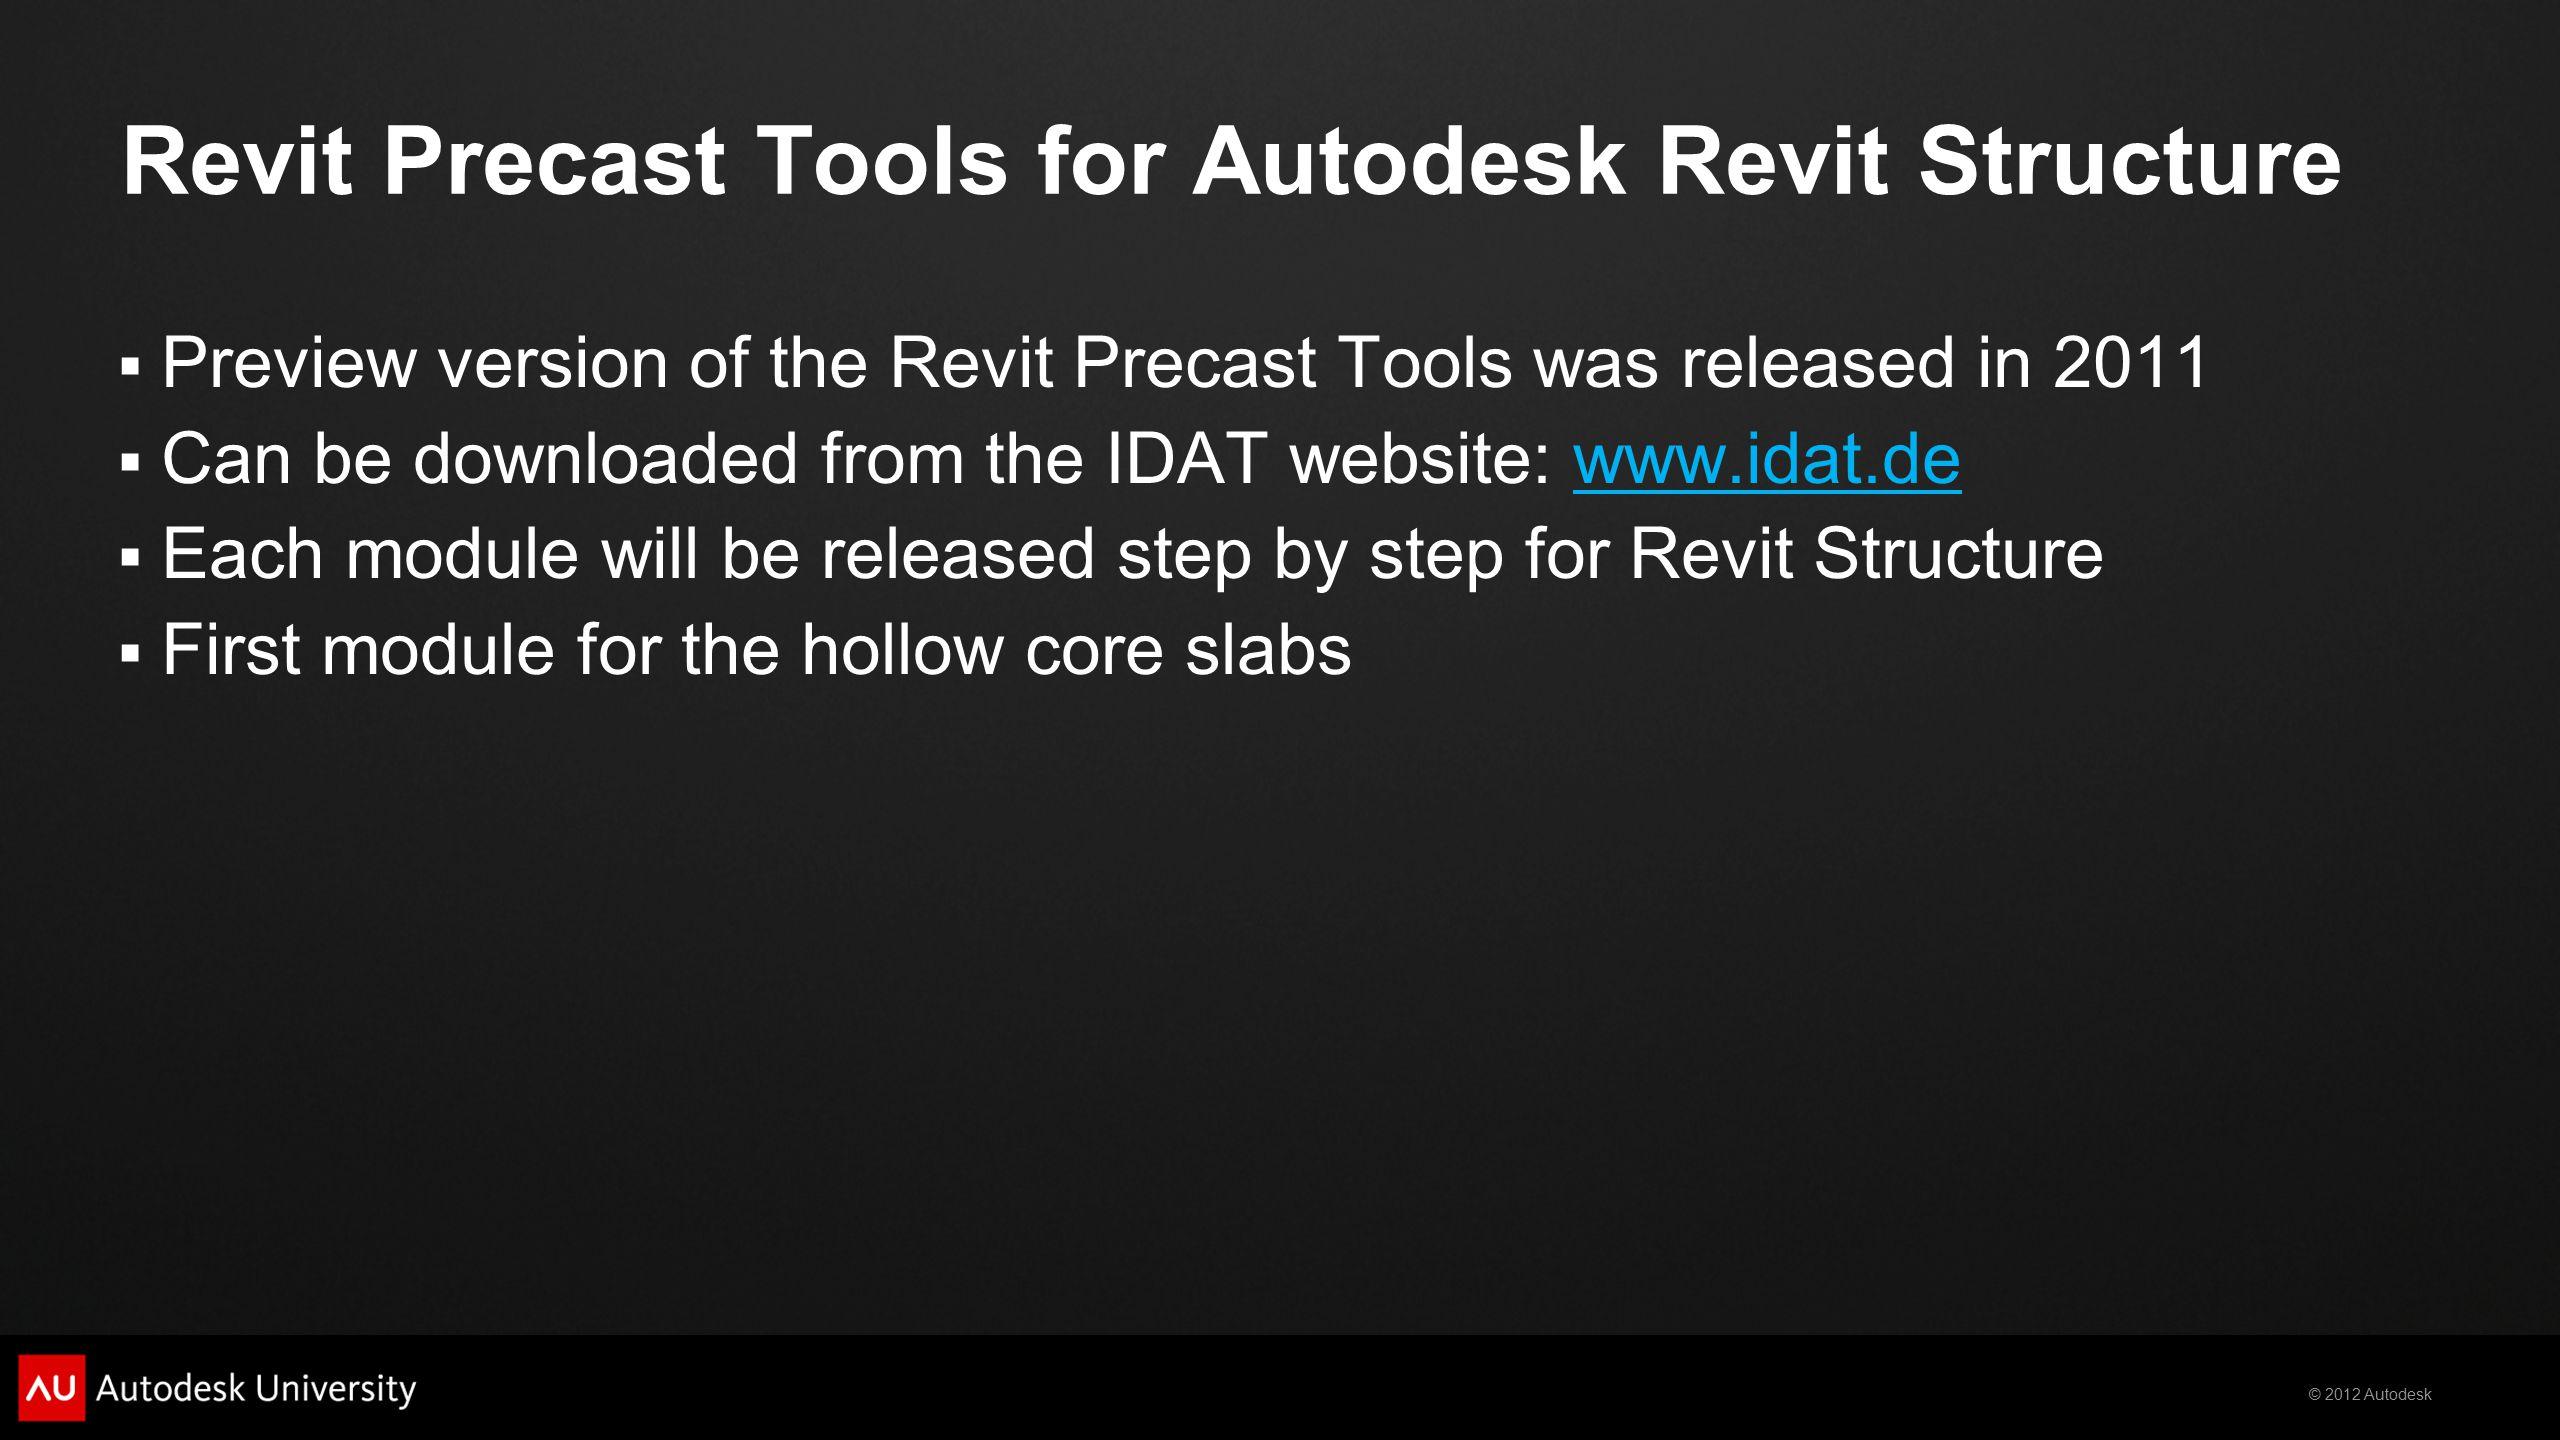 Revit Precast Tools for Autodesk Revit Structure